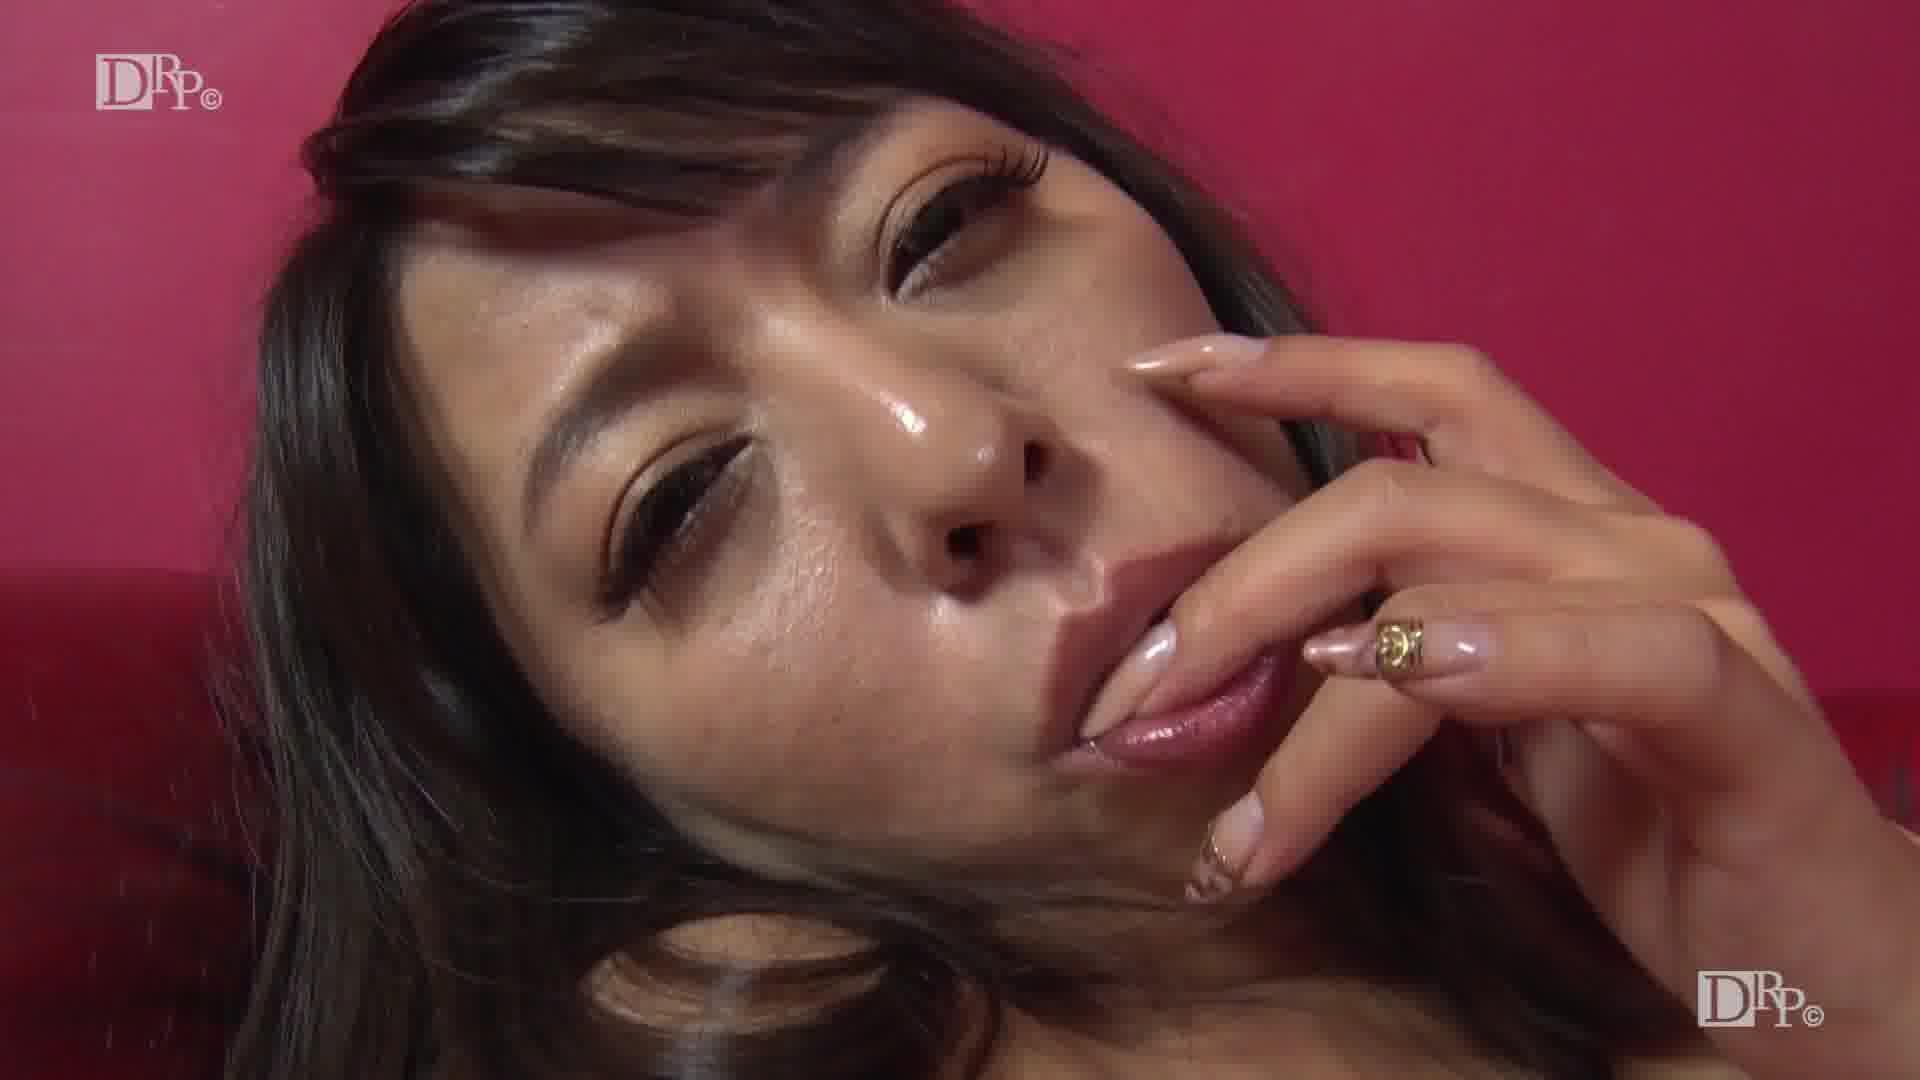 視界侵入!たちまち挿入! ~物忘れの激しい熟女に忘れられない挿入を~ - 村上涼子【オナニー・クンニ・中出し】